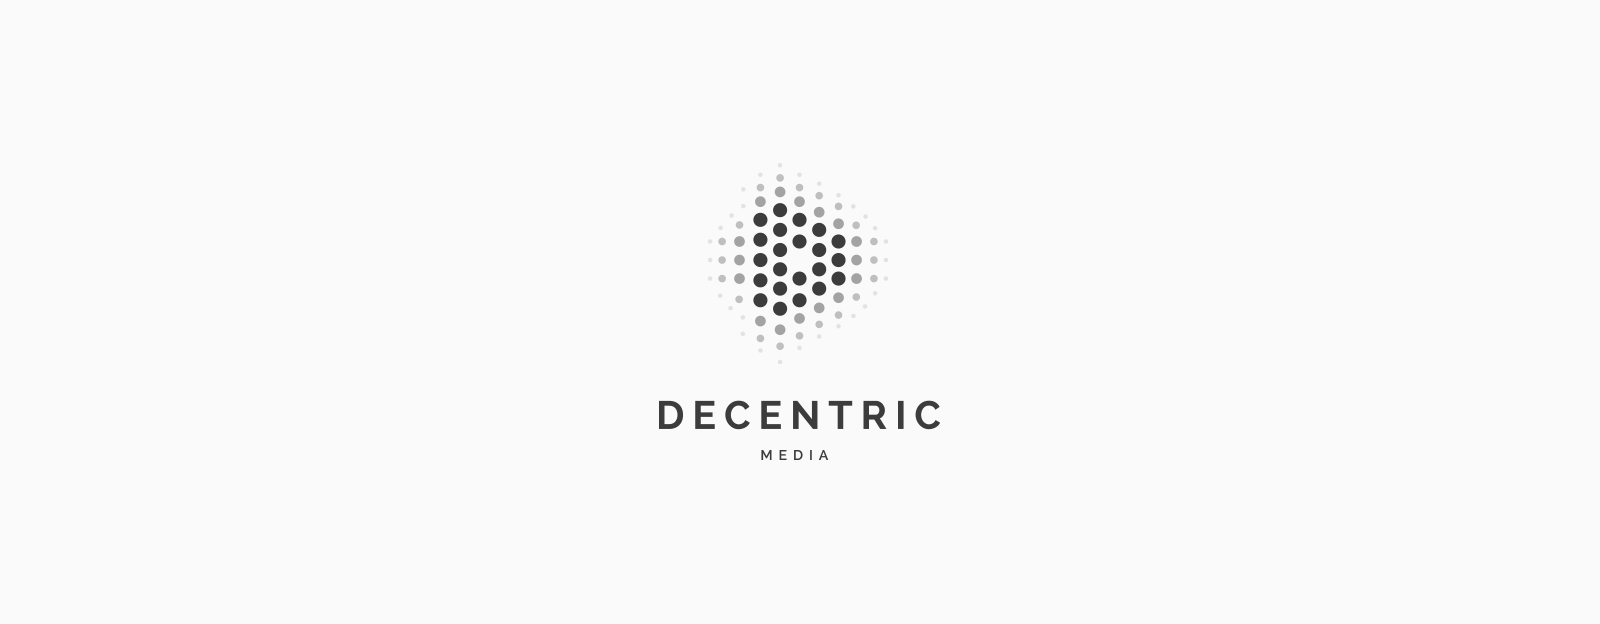 decentricmedia_julieeckertdesign_logo.jpg